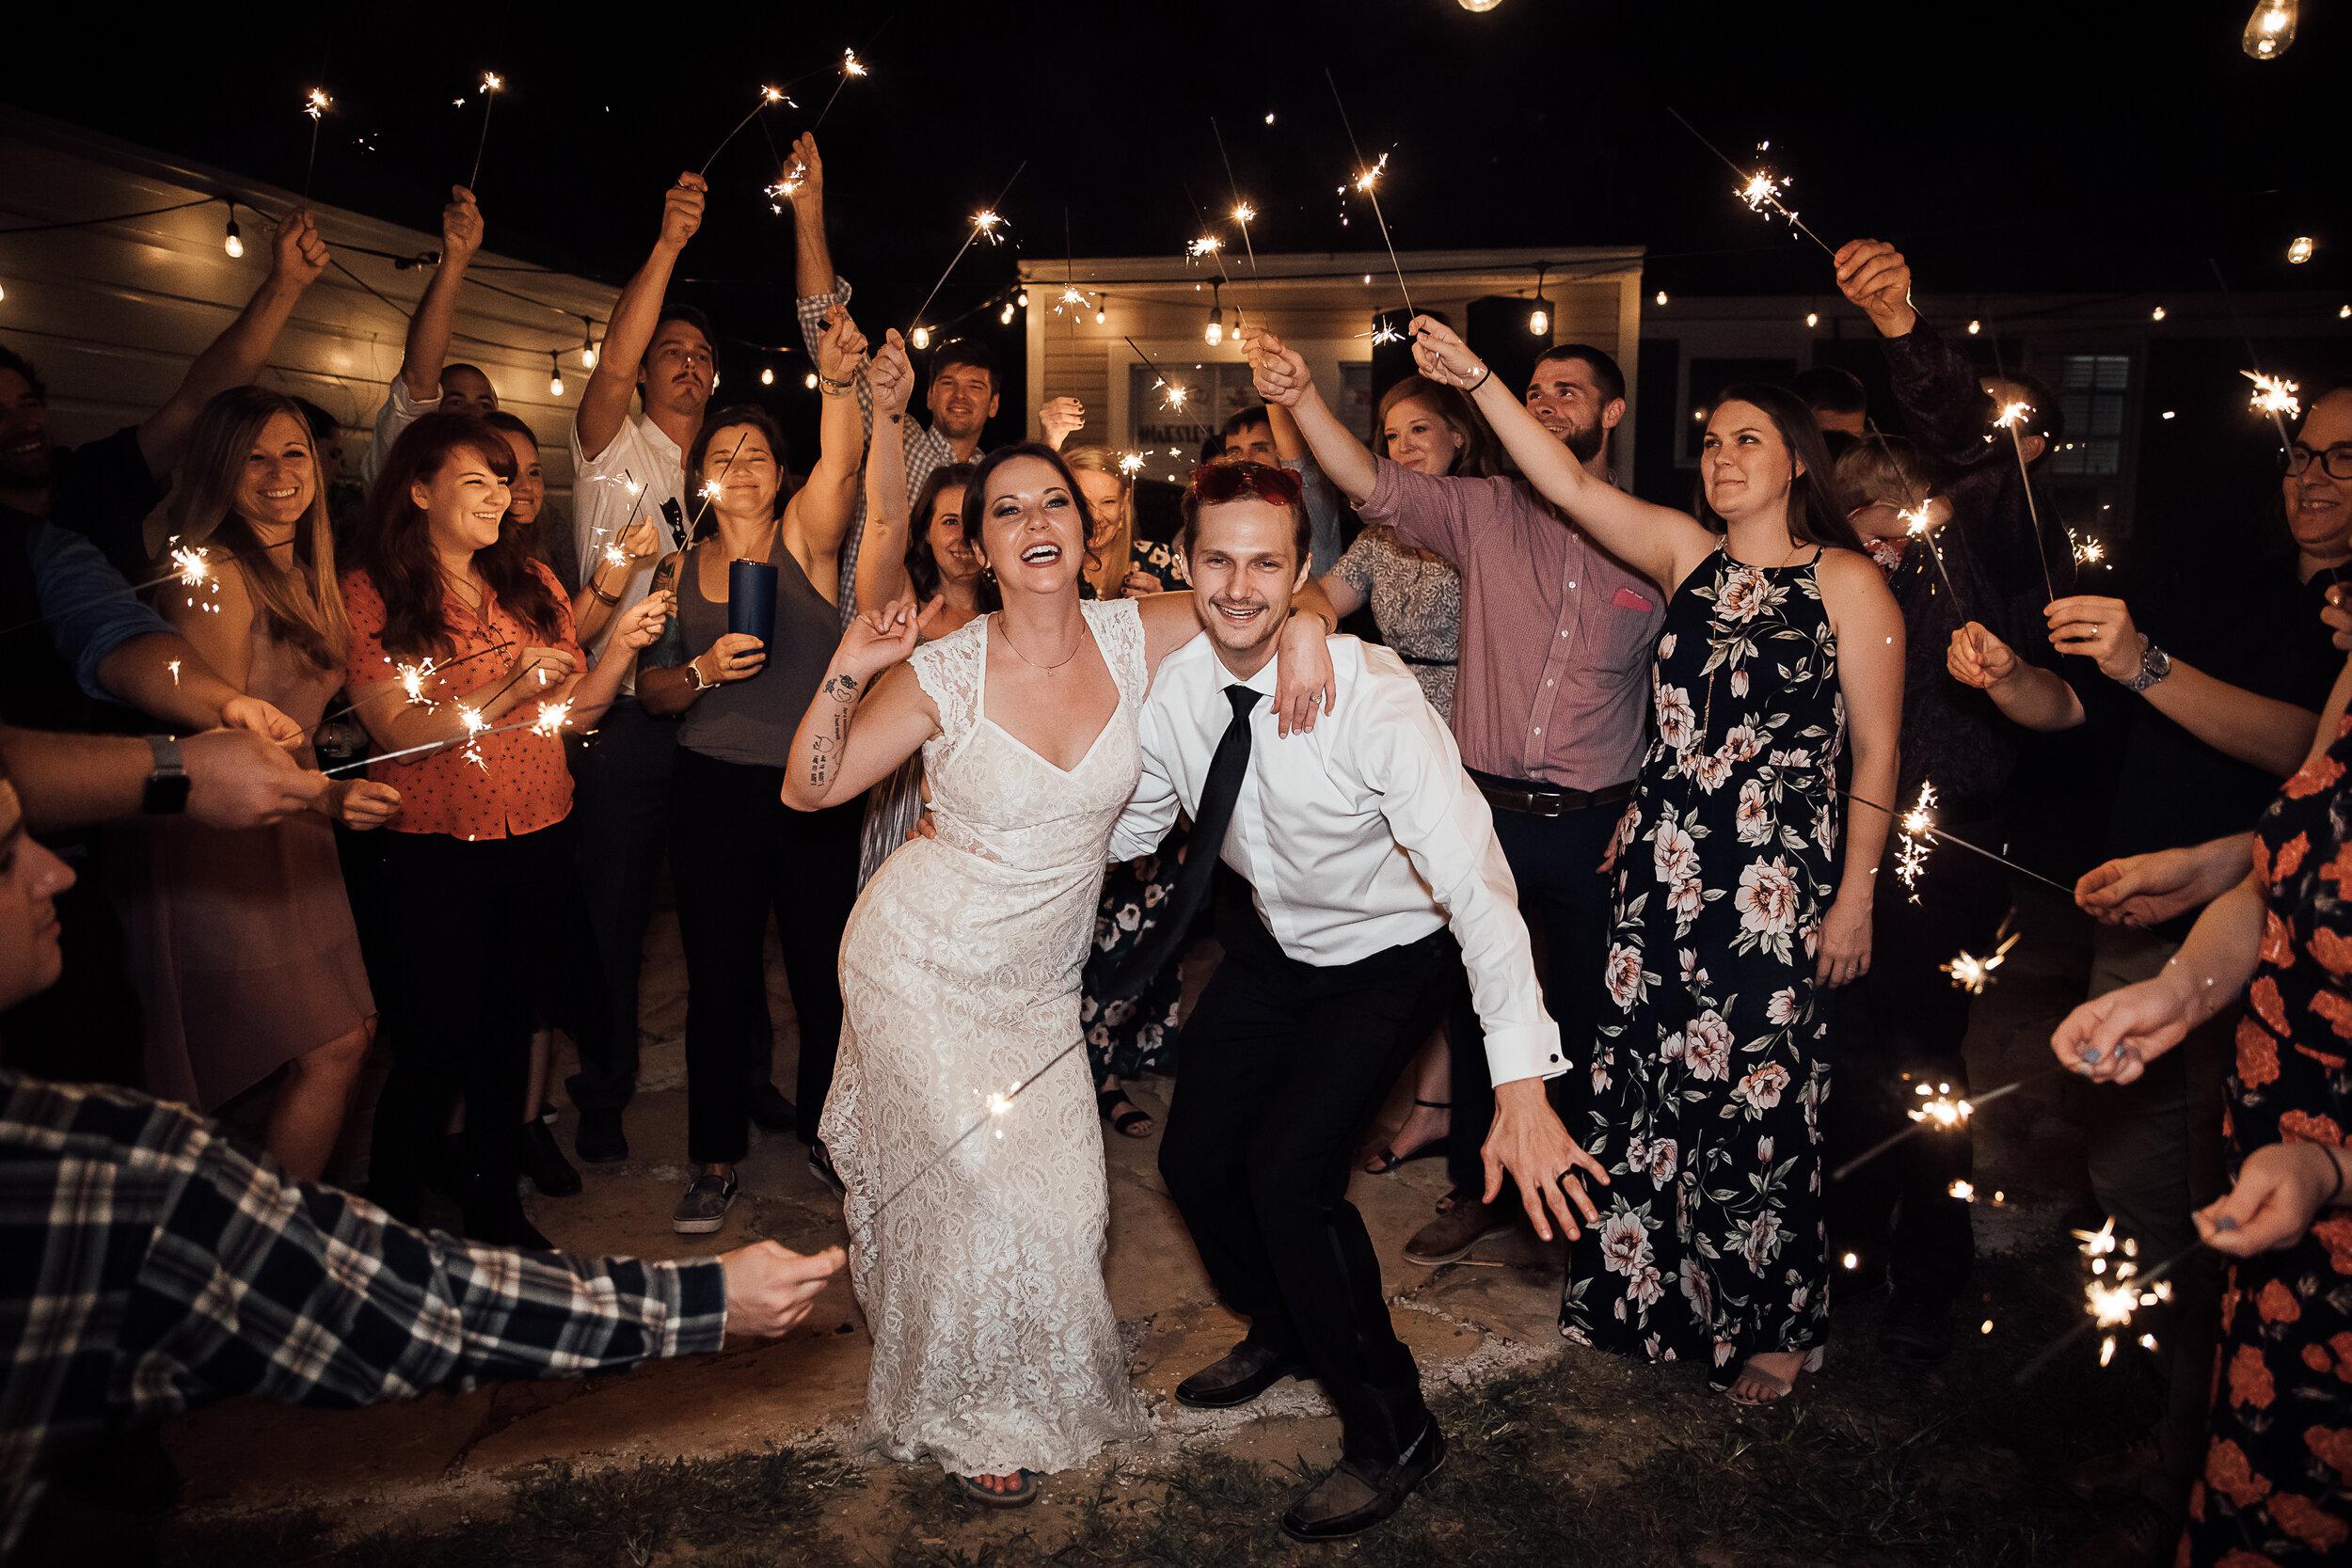 Allison-and-Wesley-Memphis-Backyard-Wedding-TheWarmthAroundYou-89.jpg